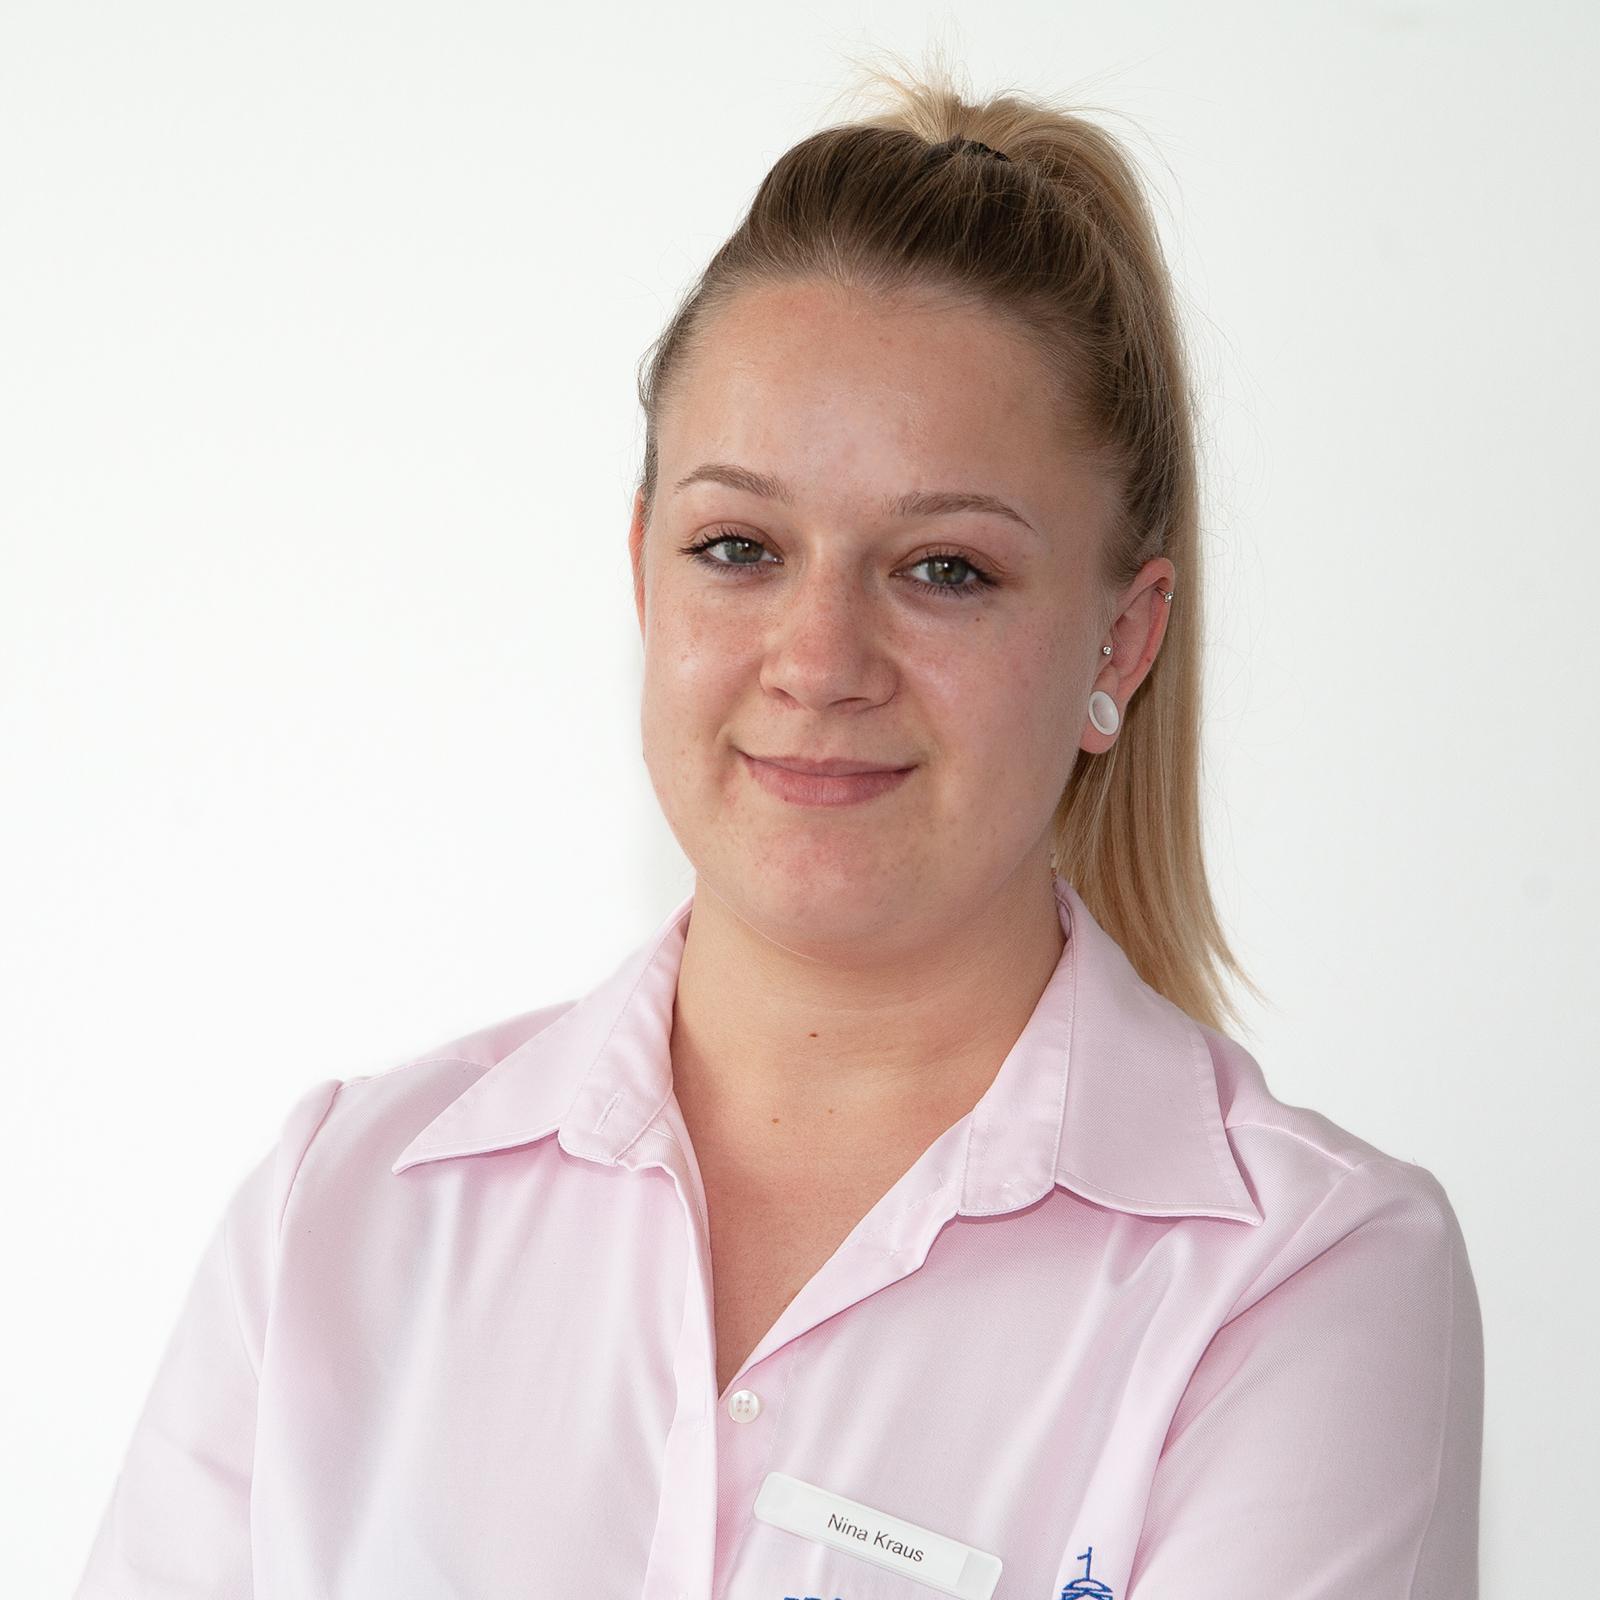 Nina Kraus